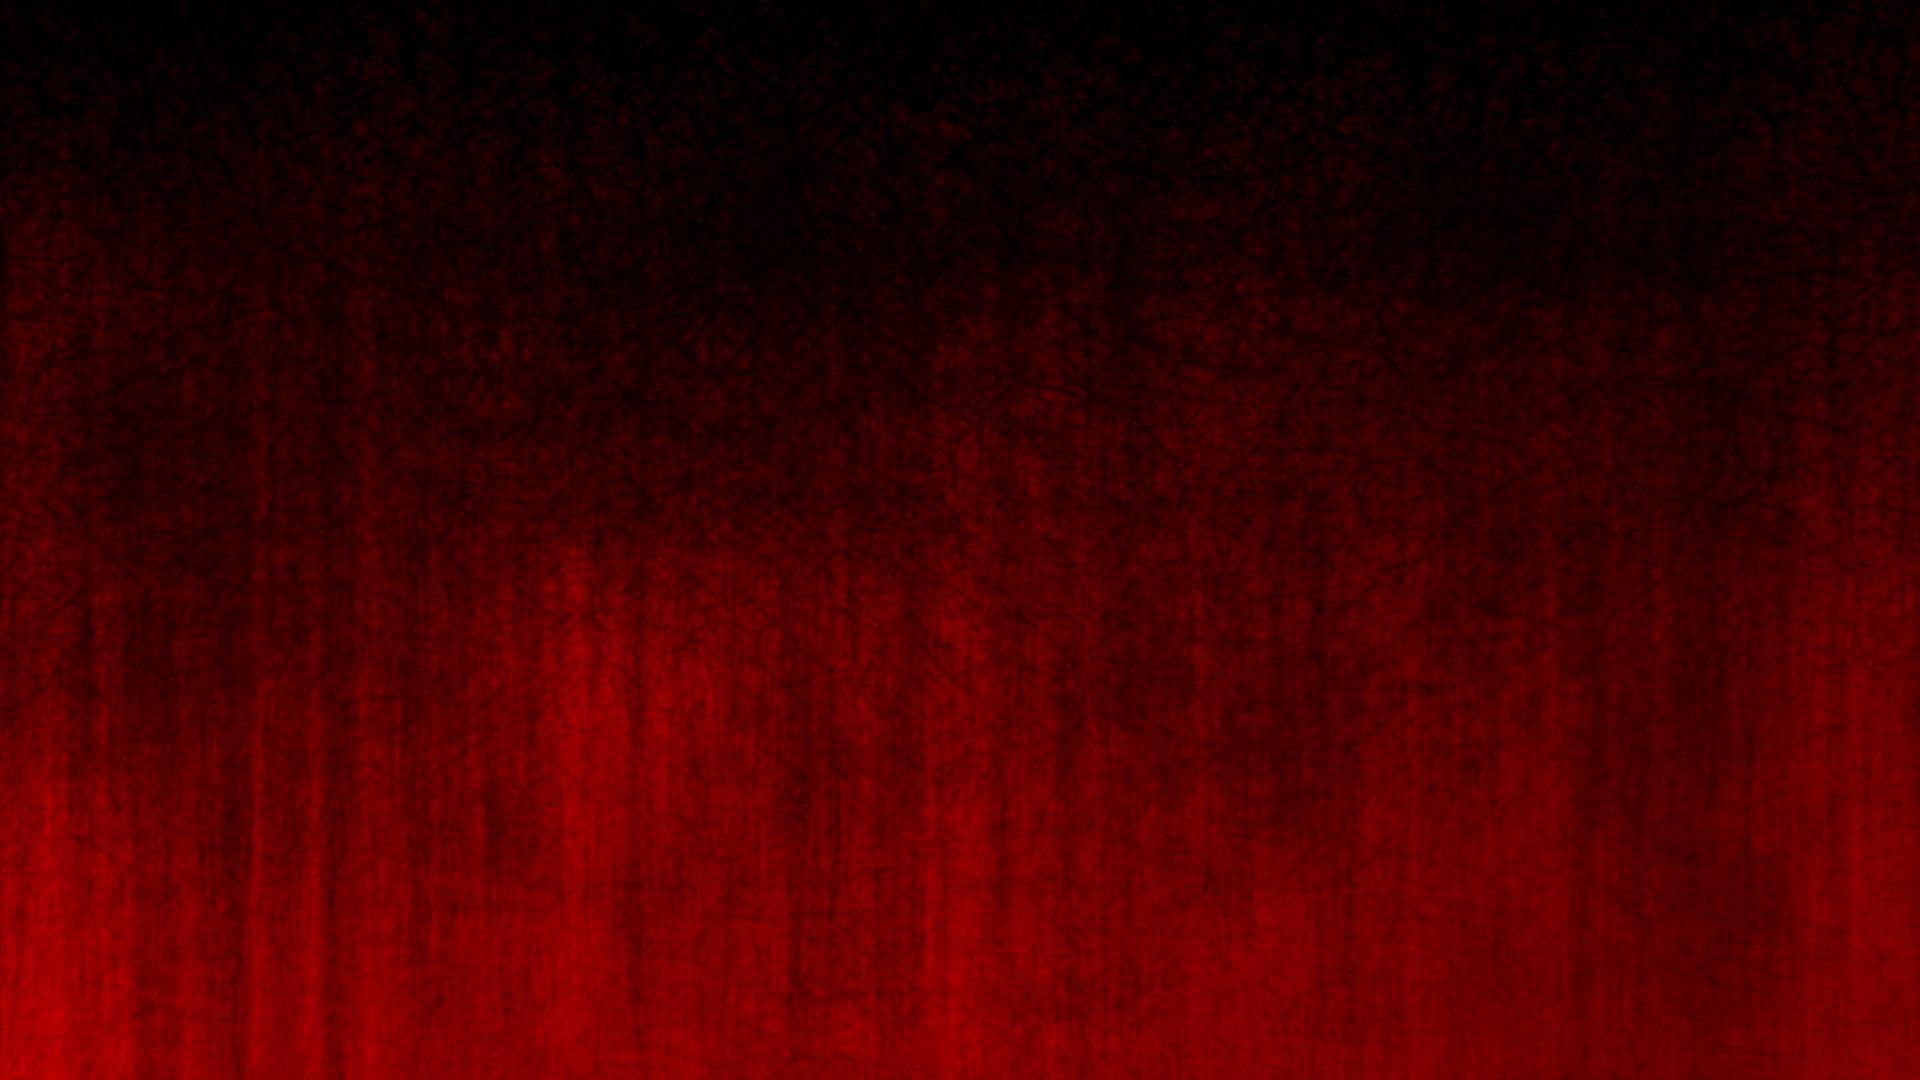 Black-Red-Grunge-Texture - Jason Yesser